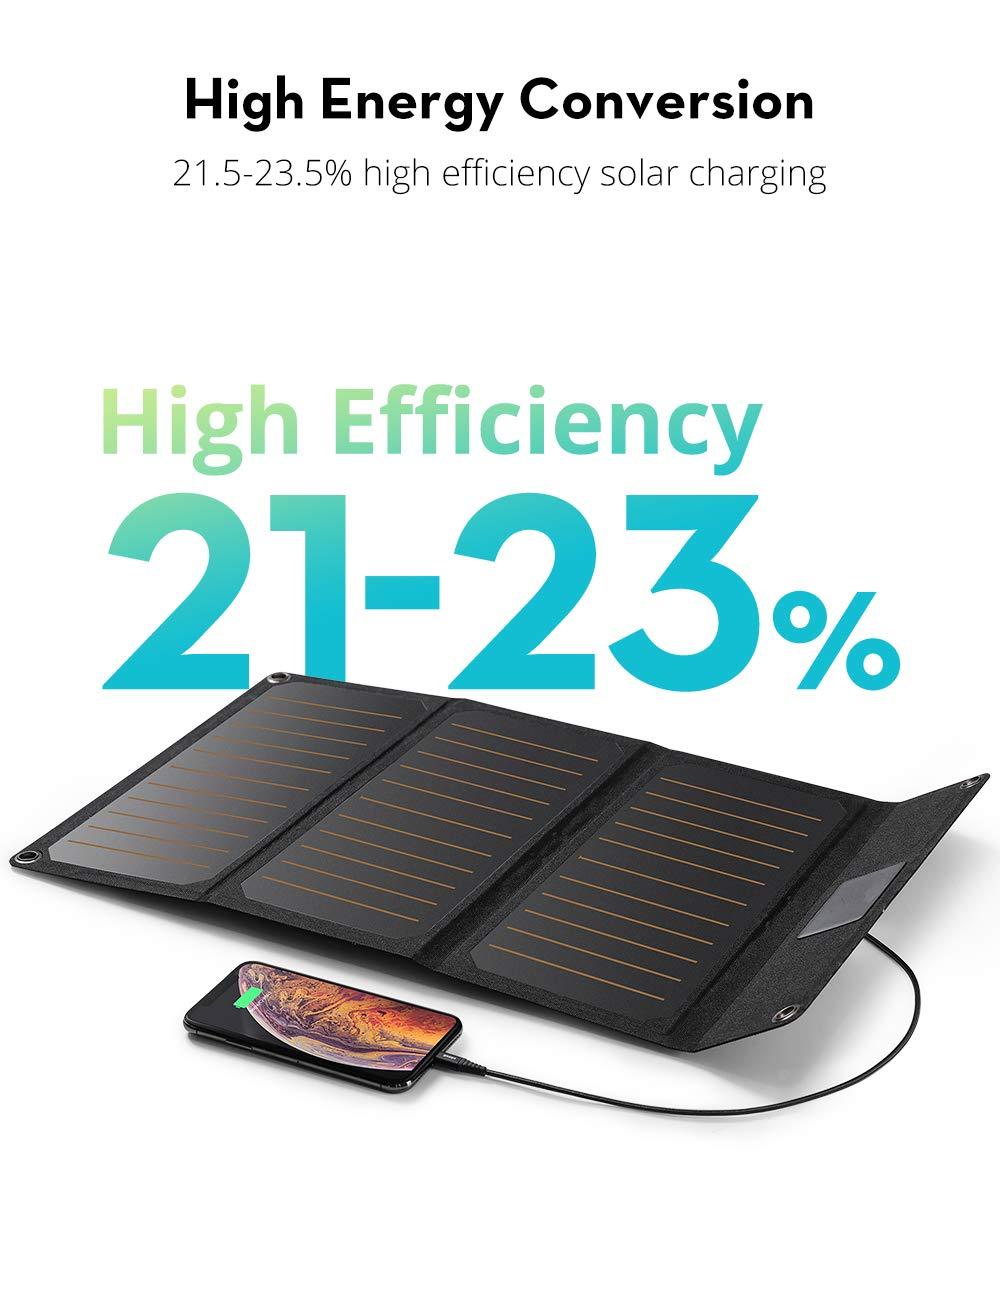 Amazon.com: RAVPower - Cargador solar de 21 W con doble ...